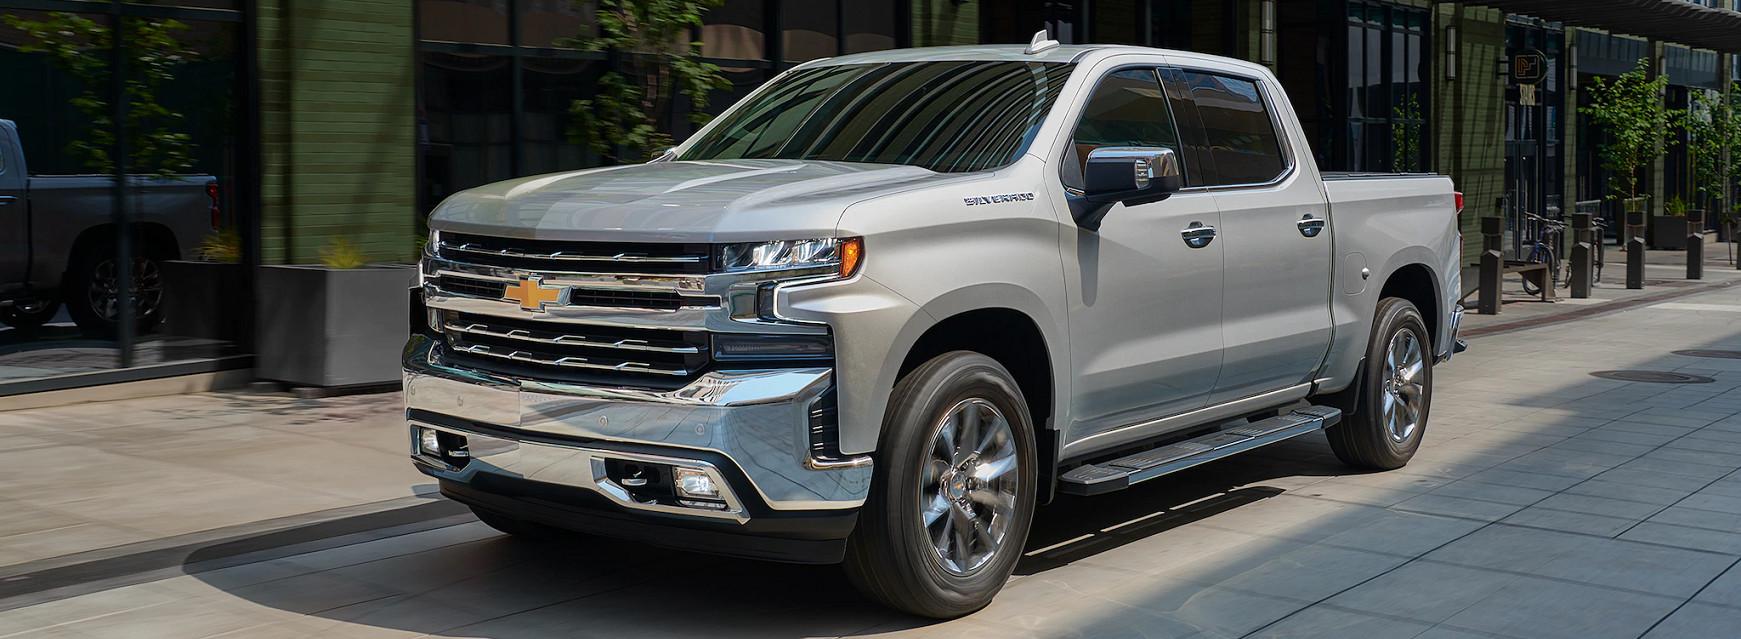 2020 Chevrolet Silverado 1500 Trim Levels near North County, CA